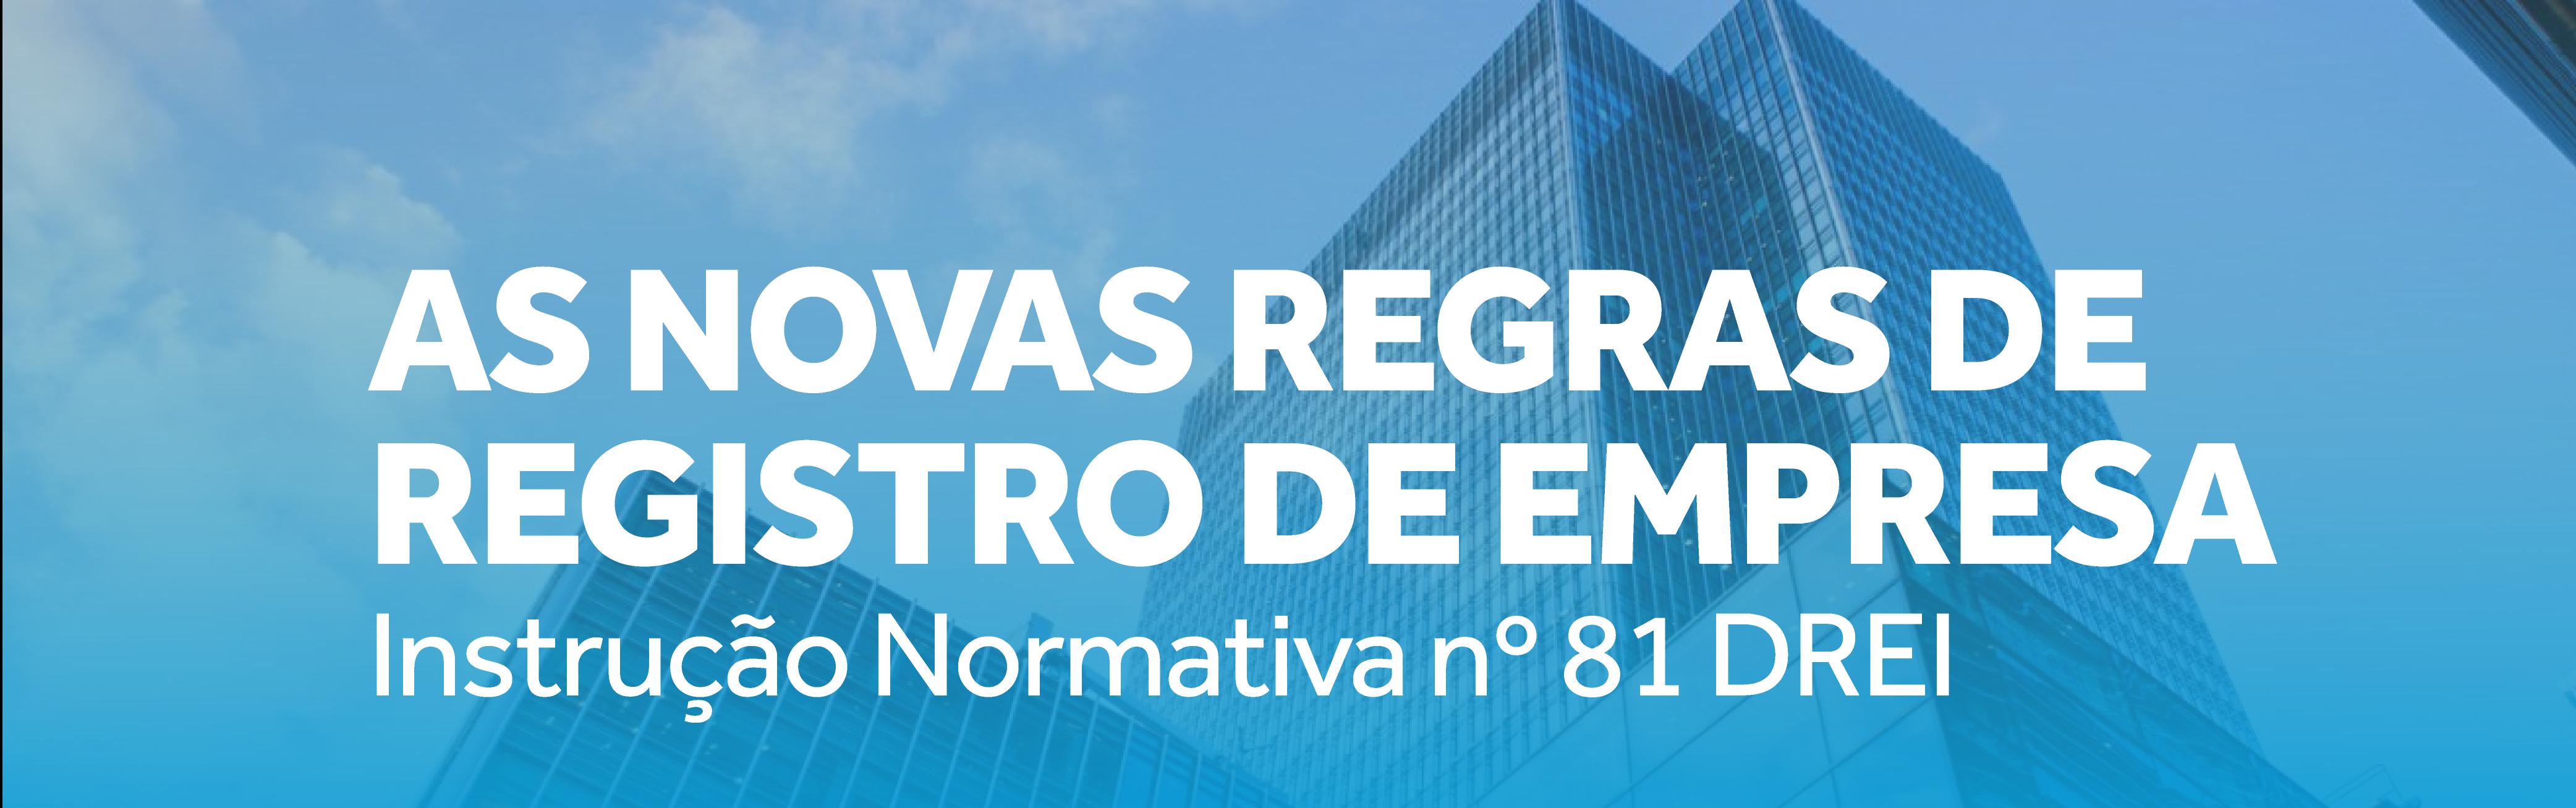 AS NOVAS REGRAS DE REGISTRO DE EMPRESA – INSTRUÇÃO NORMATIVA Nº81 DREI